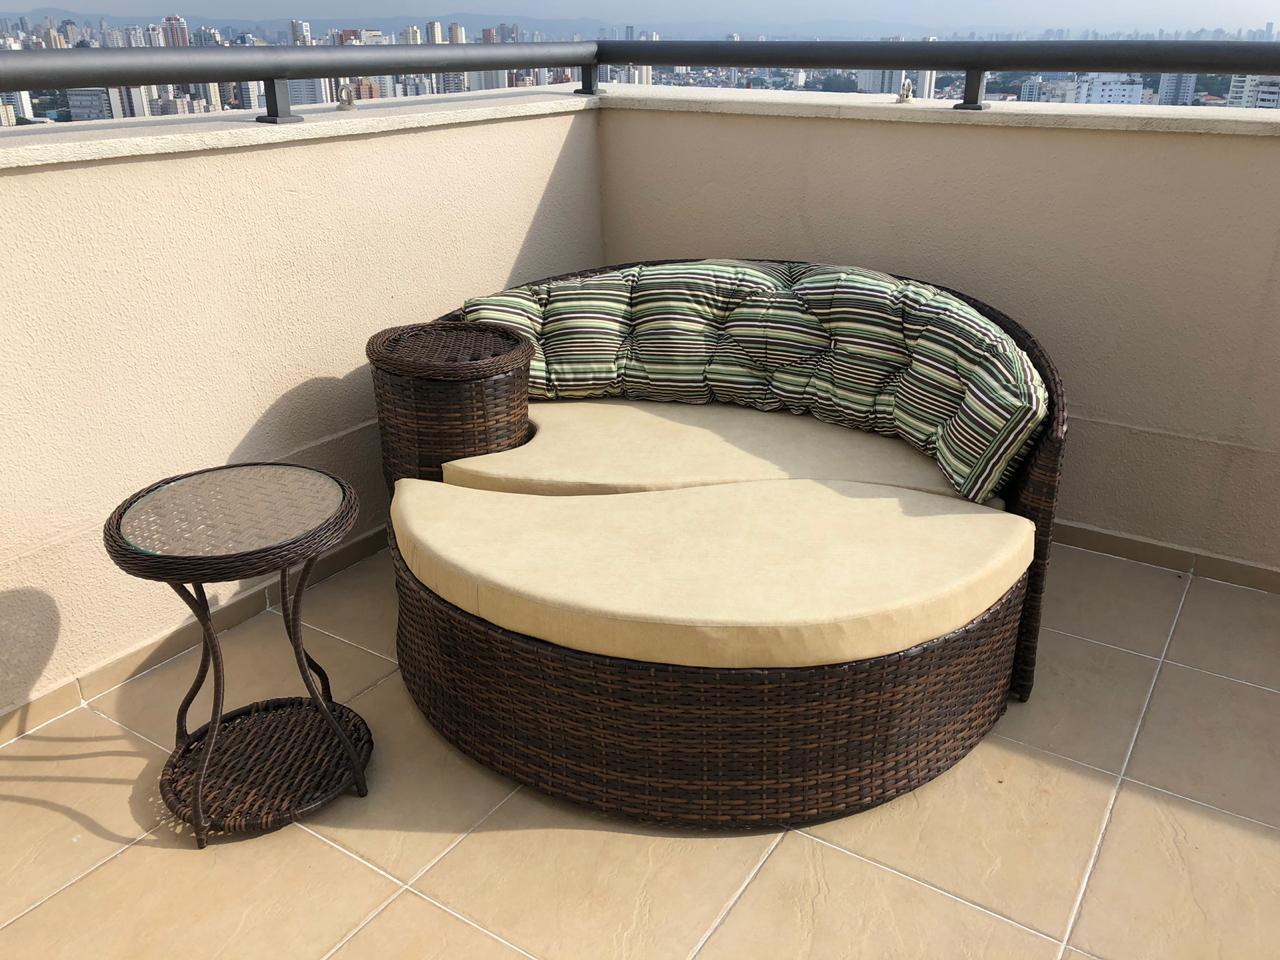 mam-moveis-chaises-chaise-folha-com-futton-no-encosto-cooler-em-fibra-sintetica-para-terracos-varandas–topazio-tropical